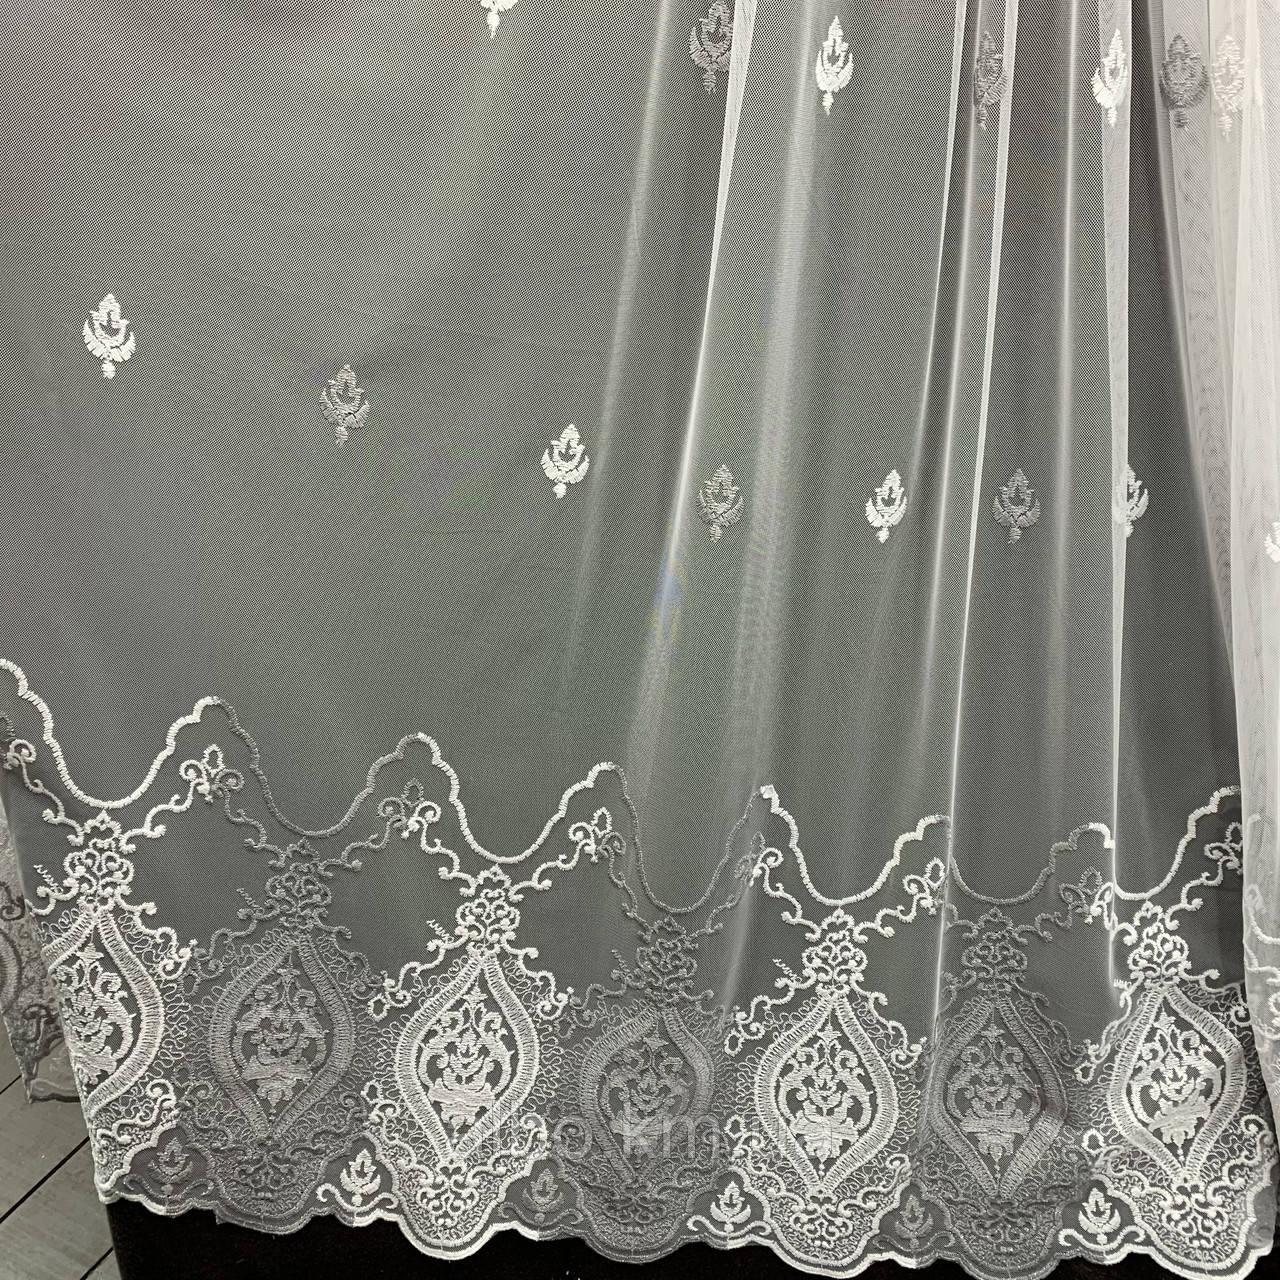 Елегантний кремовий тюль з фатину з вишивкою сірого кольору на метраж, висота 3 м (GR24287)